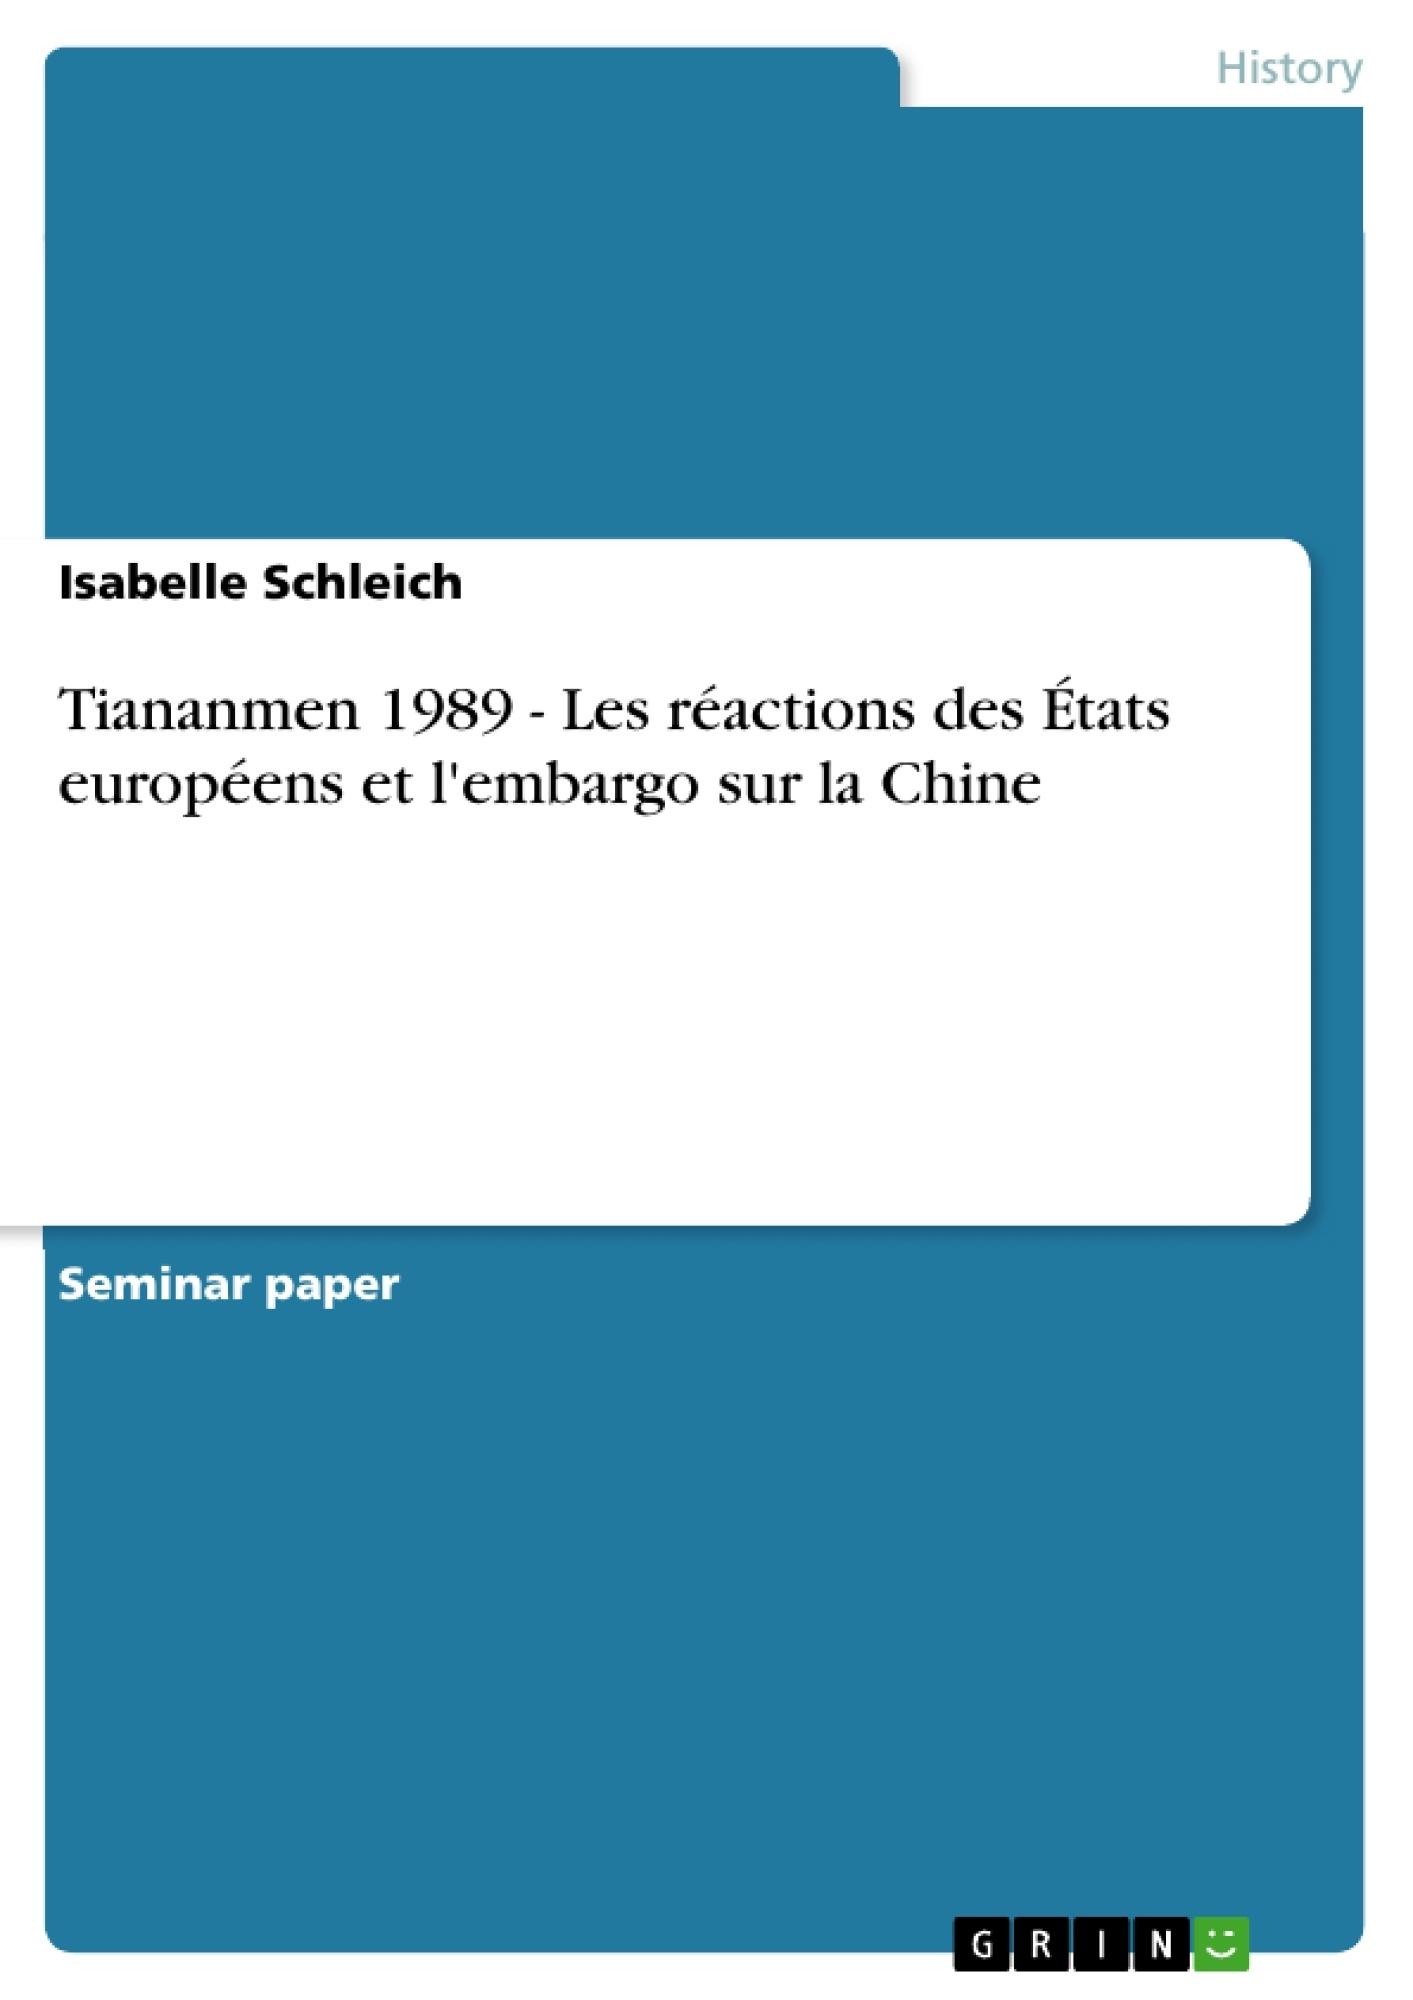 Titre: Tiananmen 1989 - Les réactions des États européens et l'embargo sur la Chine